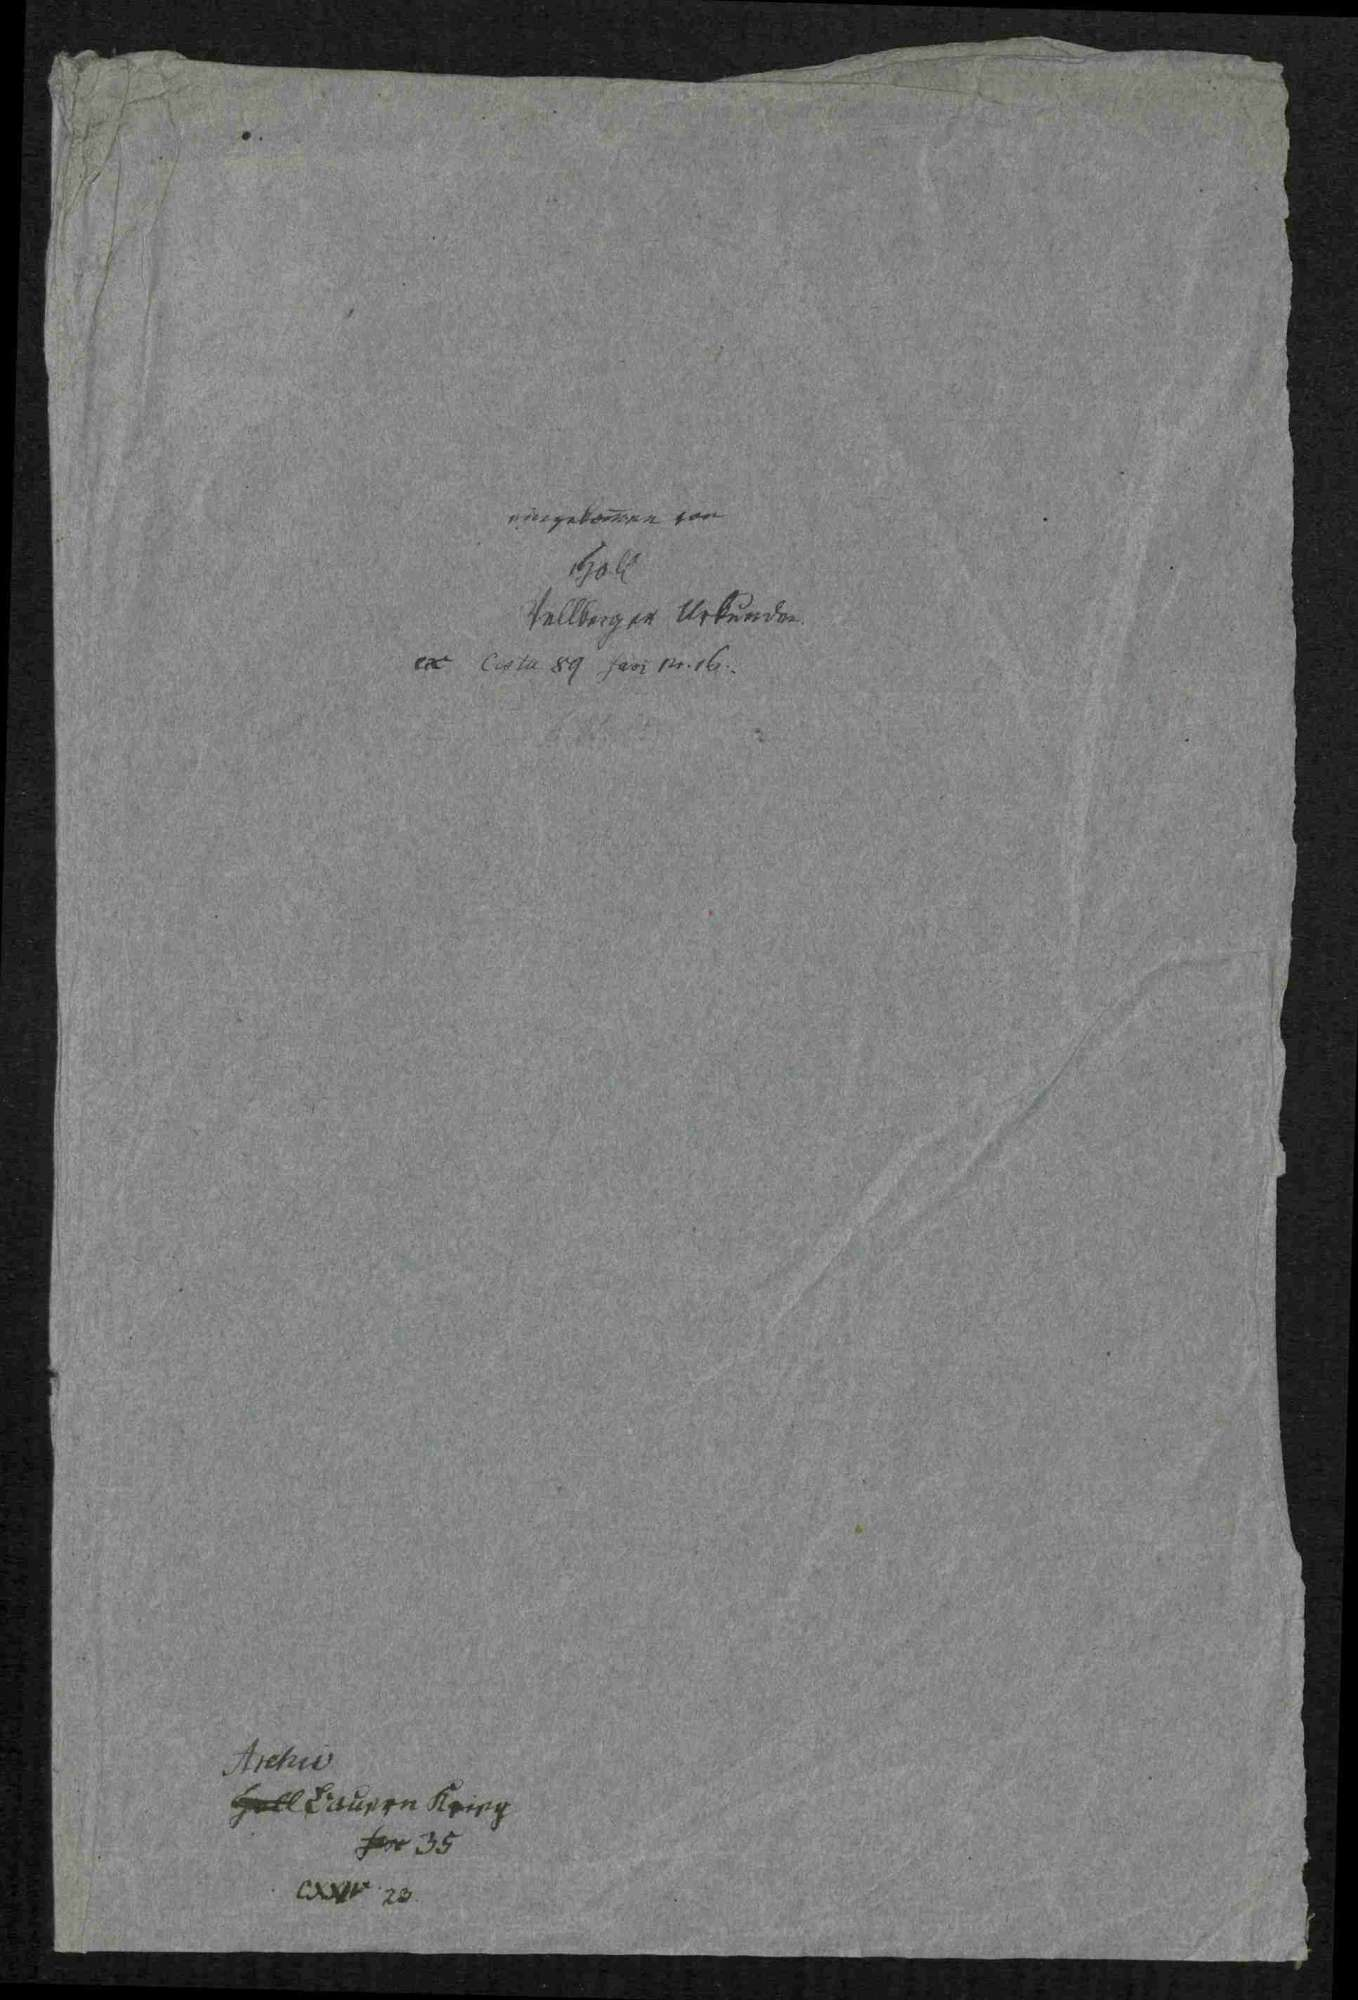 Fünf Schreiben an Junker Wolf von Vellberg wegen der Bedrohung durch die Bauern und Vellbergs Übertritt zu den Aufrührern, Bild 3